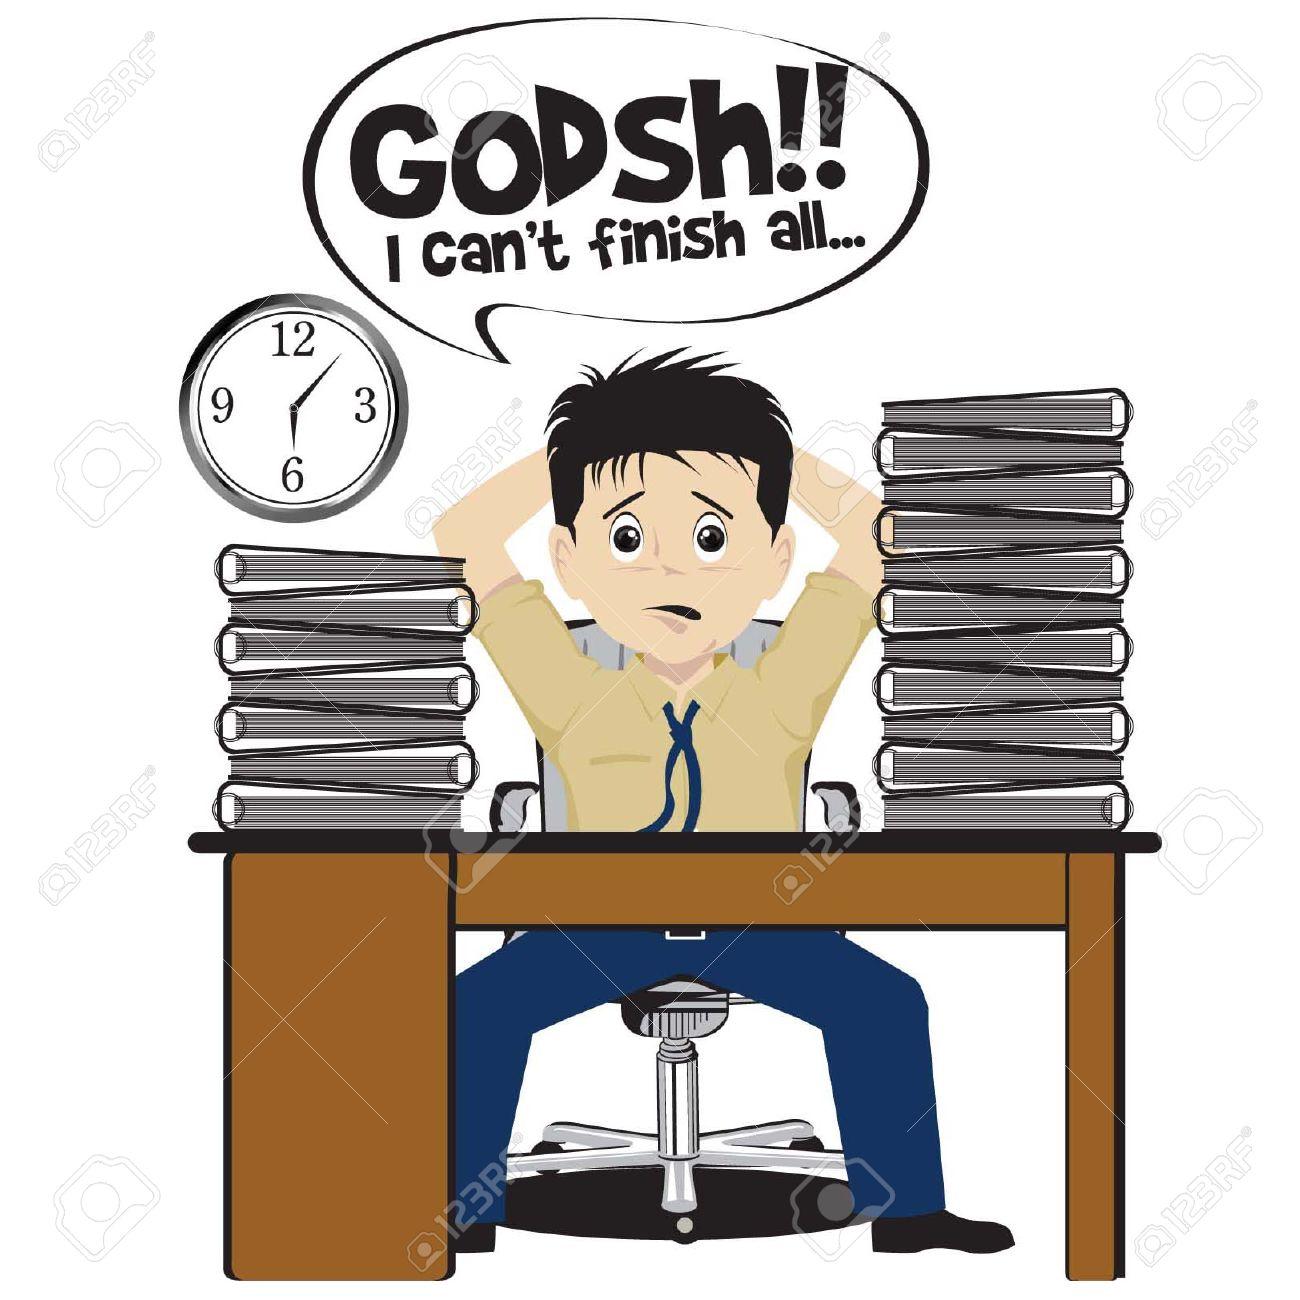 under pressure at work